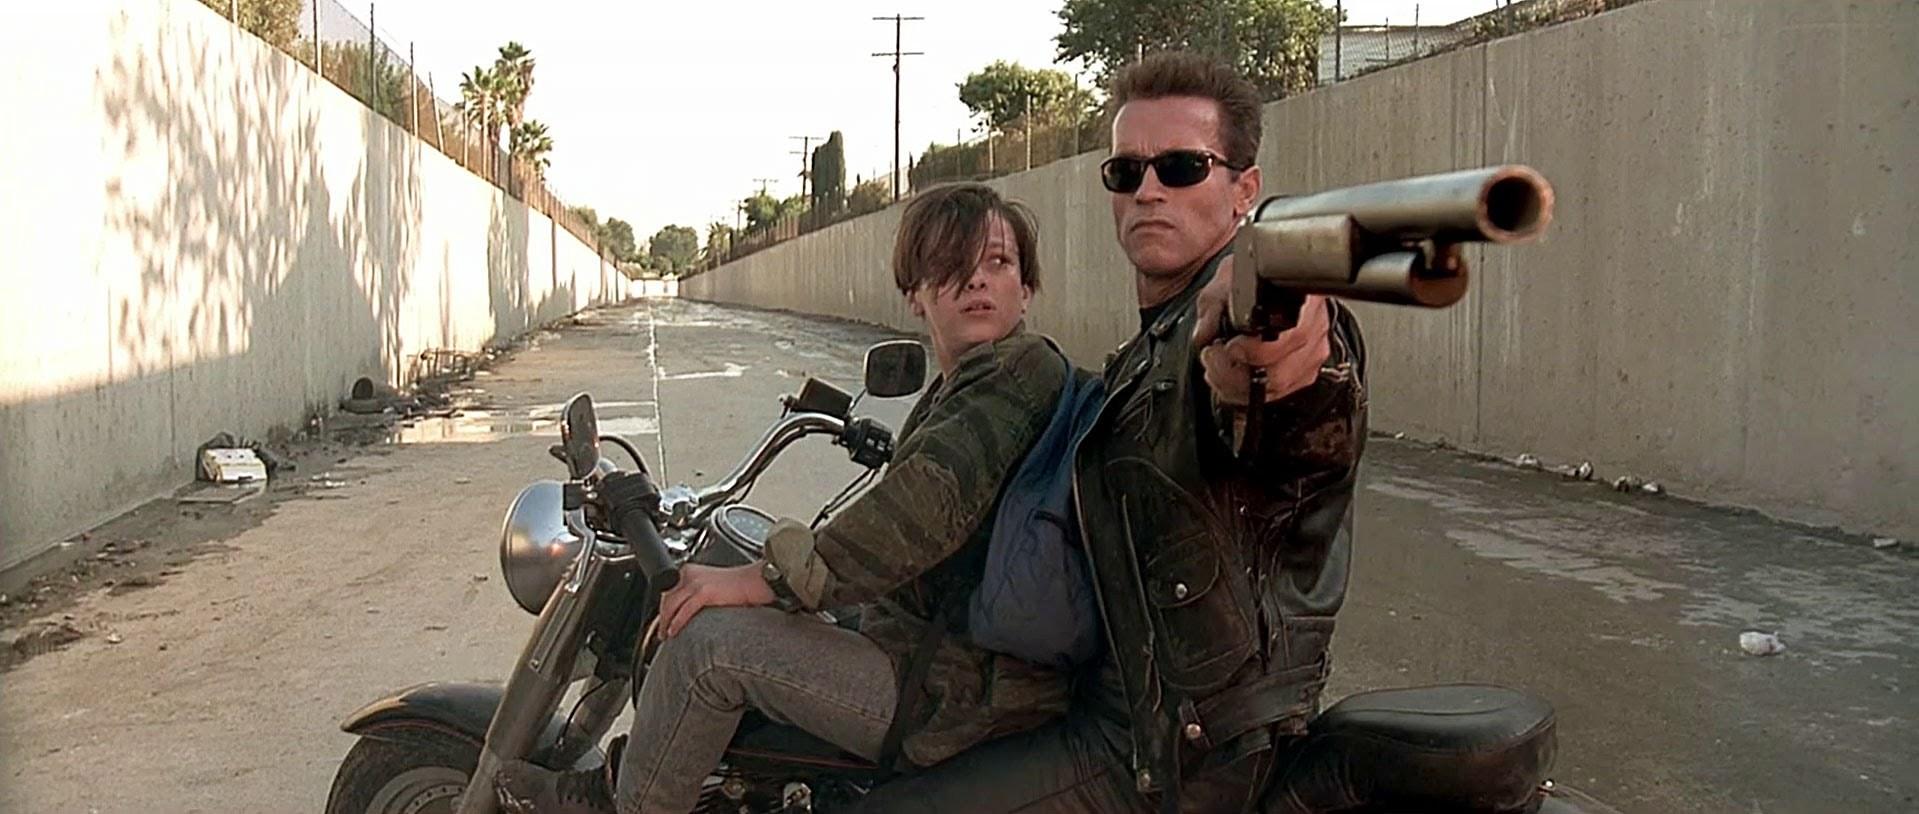 """「ターミネーター2」""""Terminator 2 Judgement Day""""(1991)"""